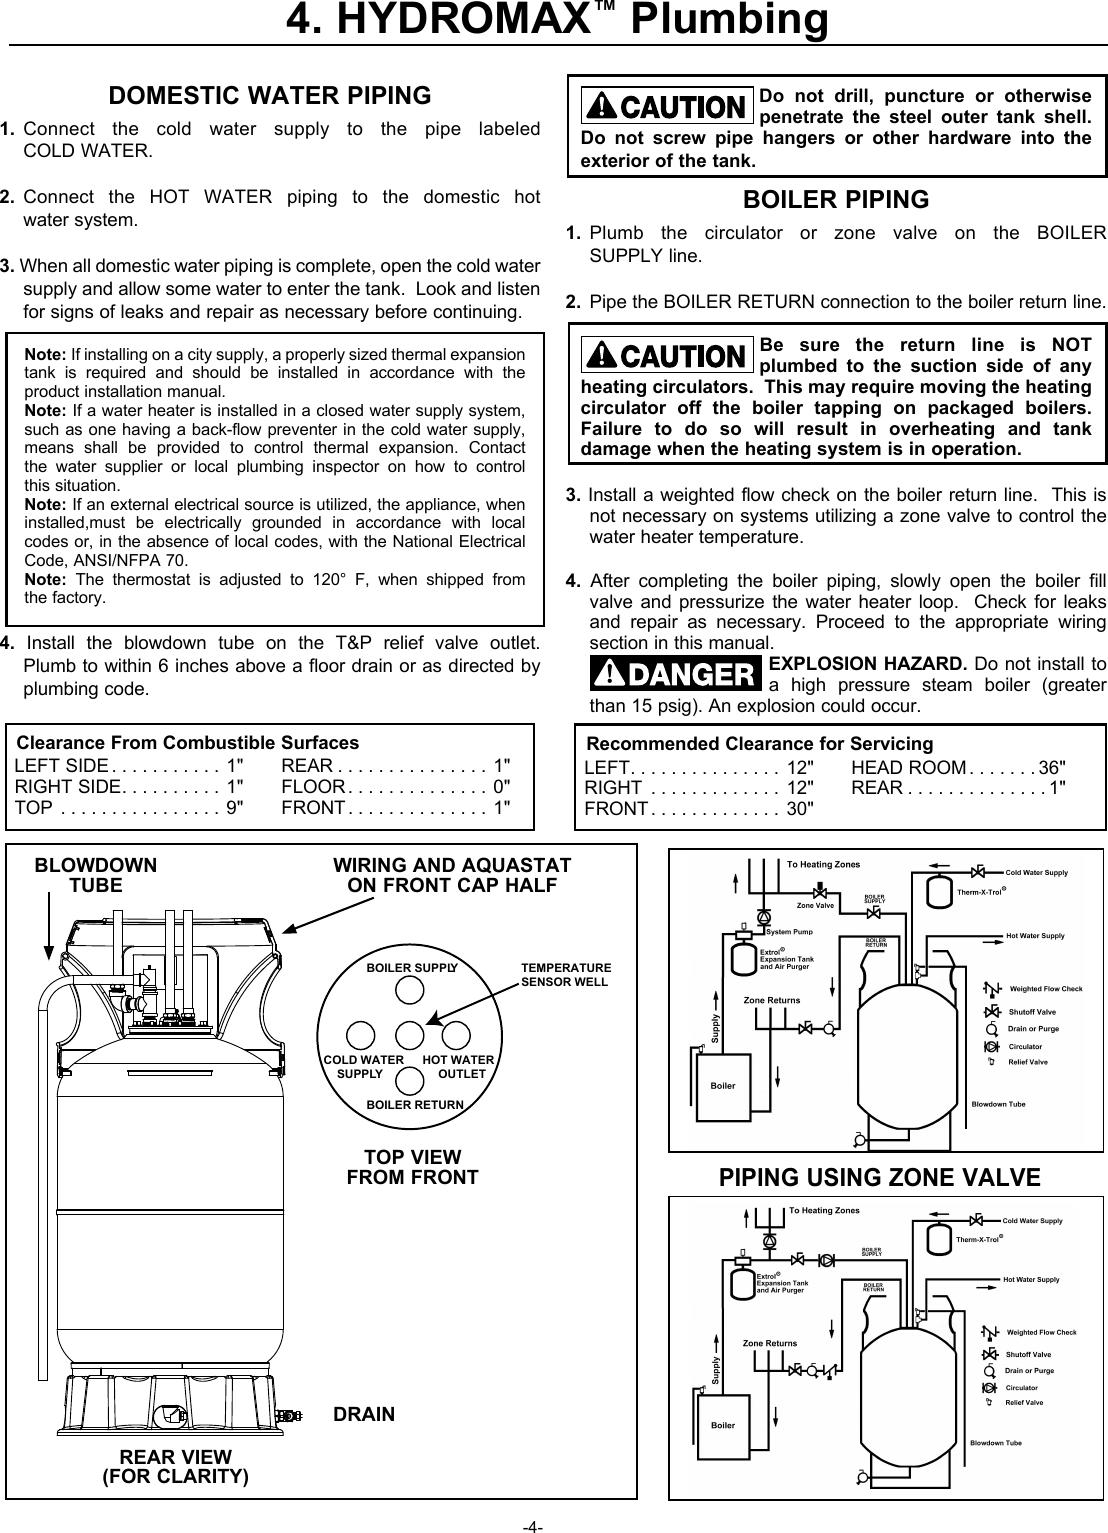 Water Heater Plumbing Code